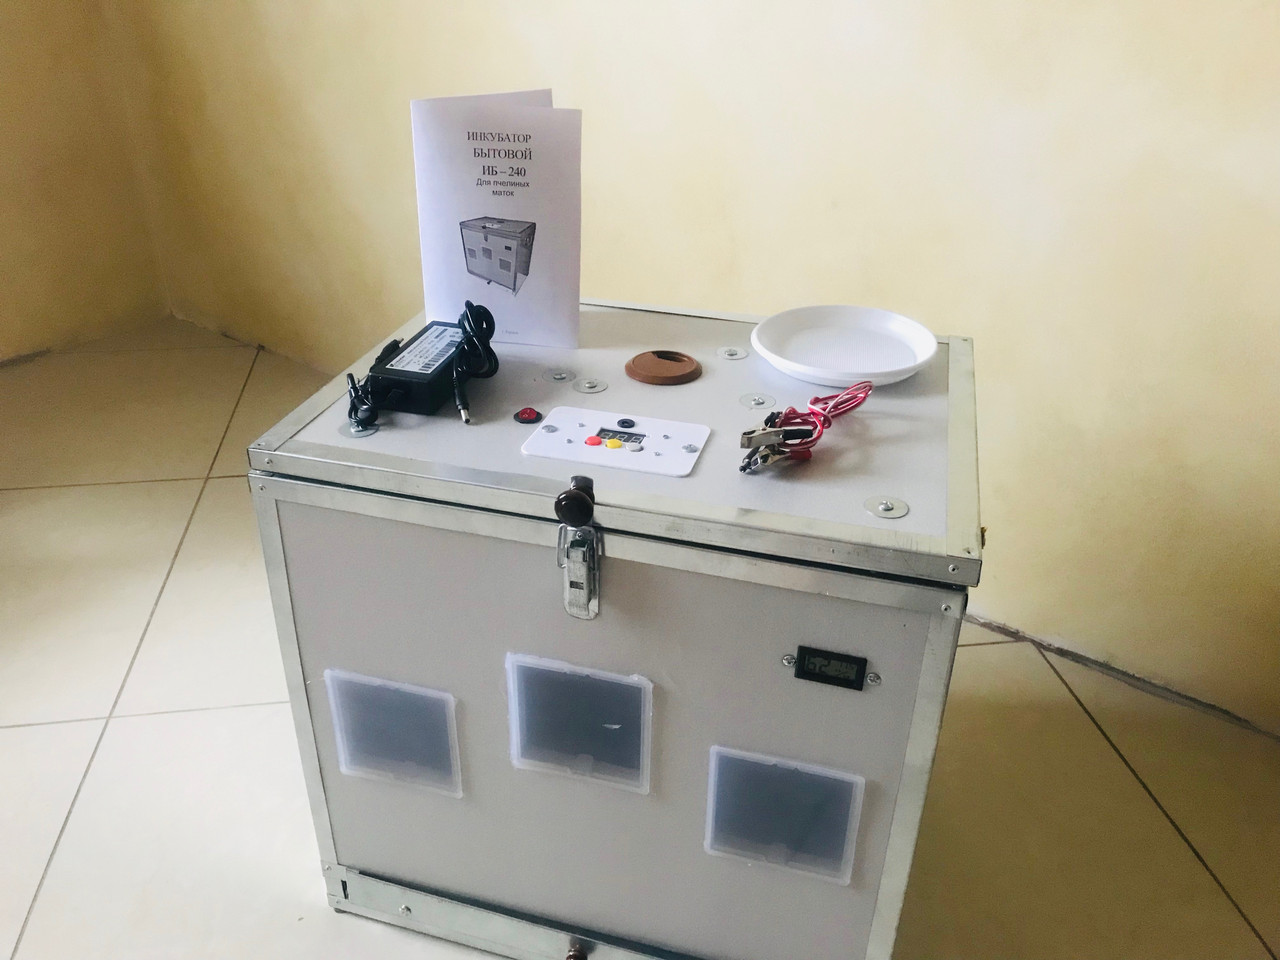 Инкубатор для пчелиных маток ИБ-240